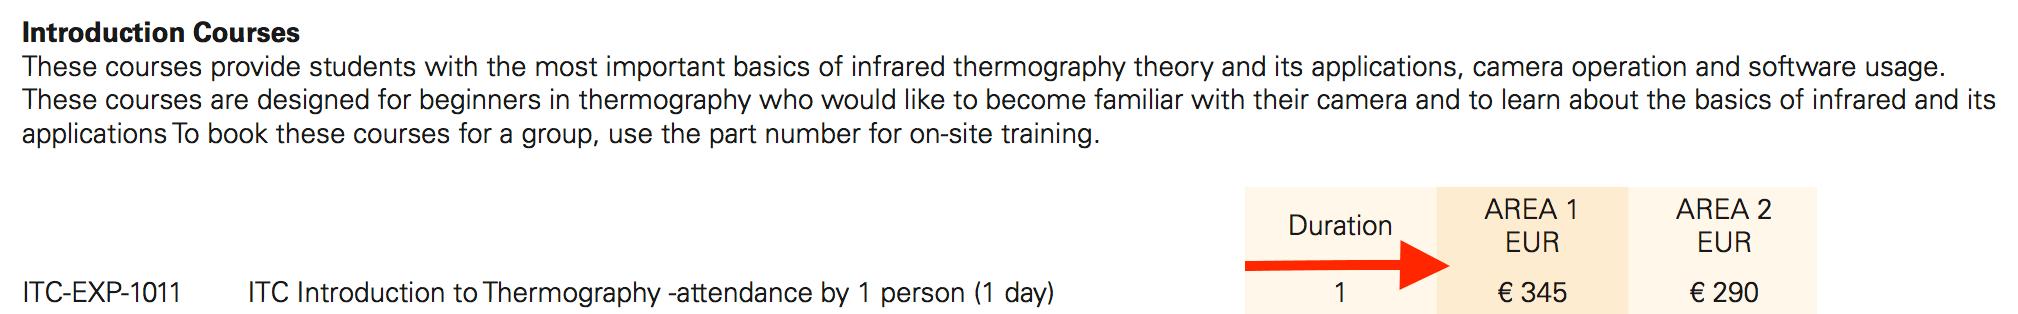 Corso di termografia Palermo - prezzi ufficiali